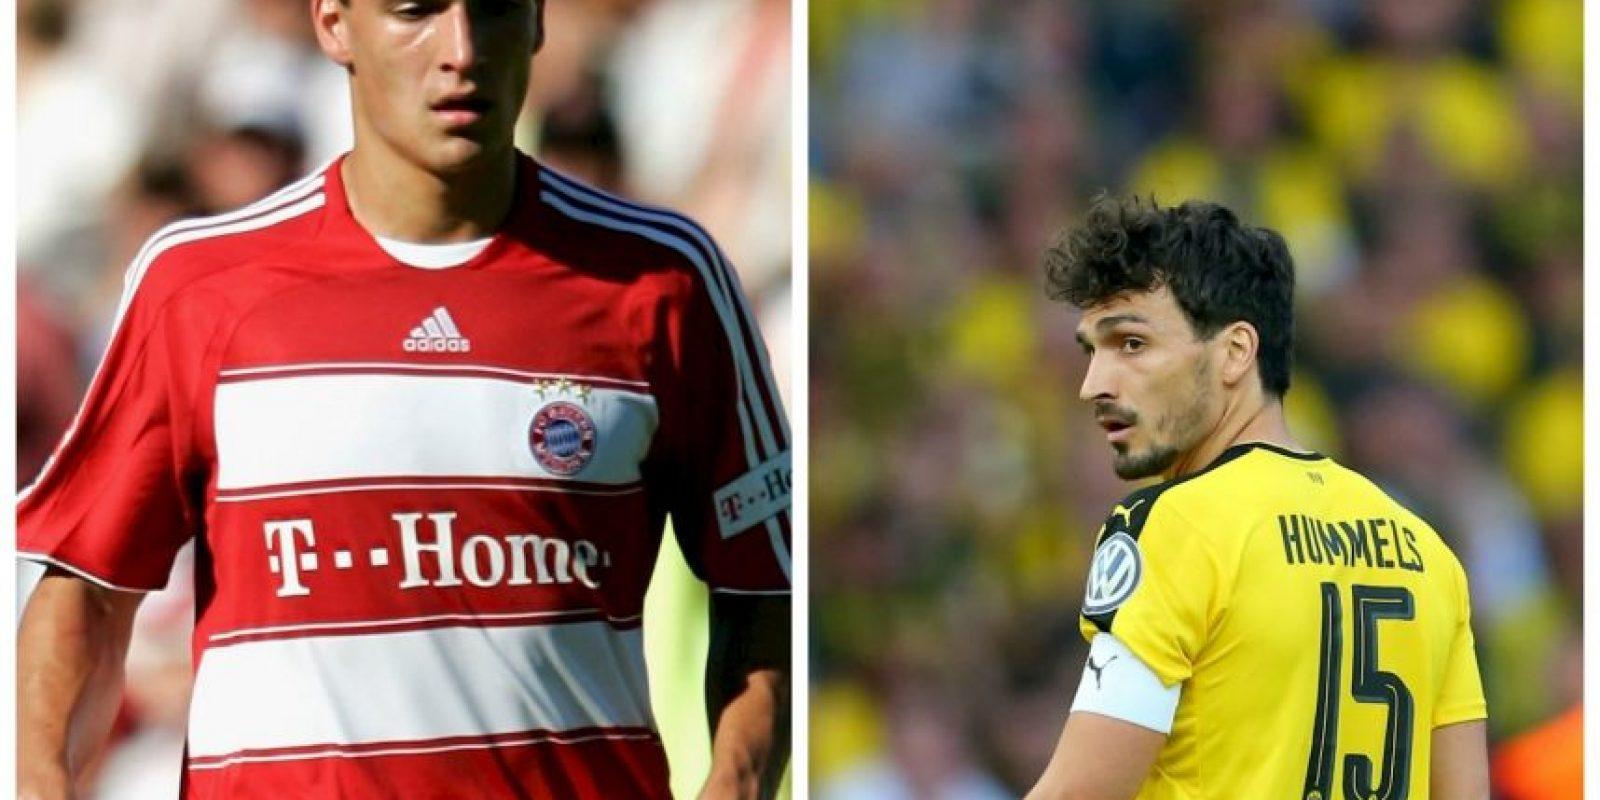 Mats Hummels fue formado en las canteras de Bayern Munich, pero no tuvo grandes oportunidades en el primer equipo y partió a Borussia Dortmund. En el equipo amarillo y negro se transformó en ídolo e incluso portó la jineta de capitán, pero ahora decidió volver al equipo de Munich y la traición no se la perdonan en Dortmund Foto:Getty Images